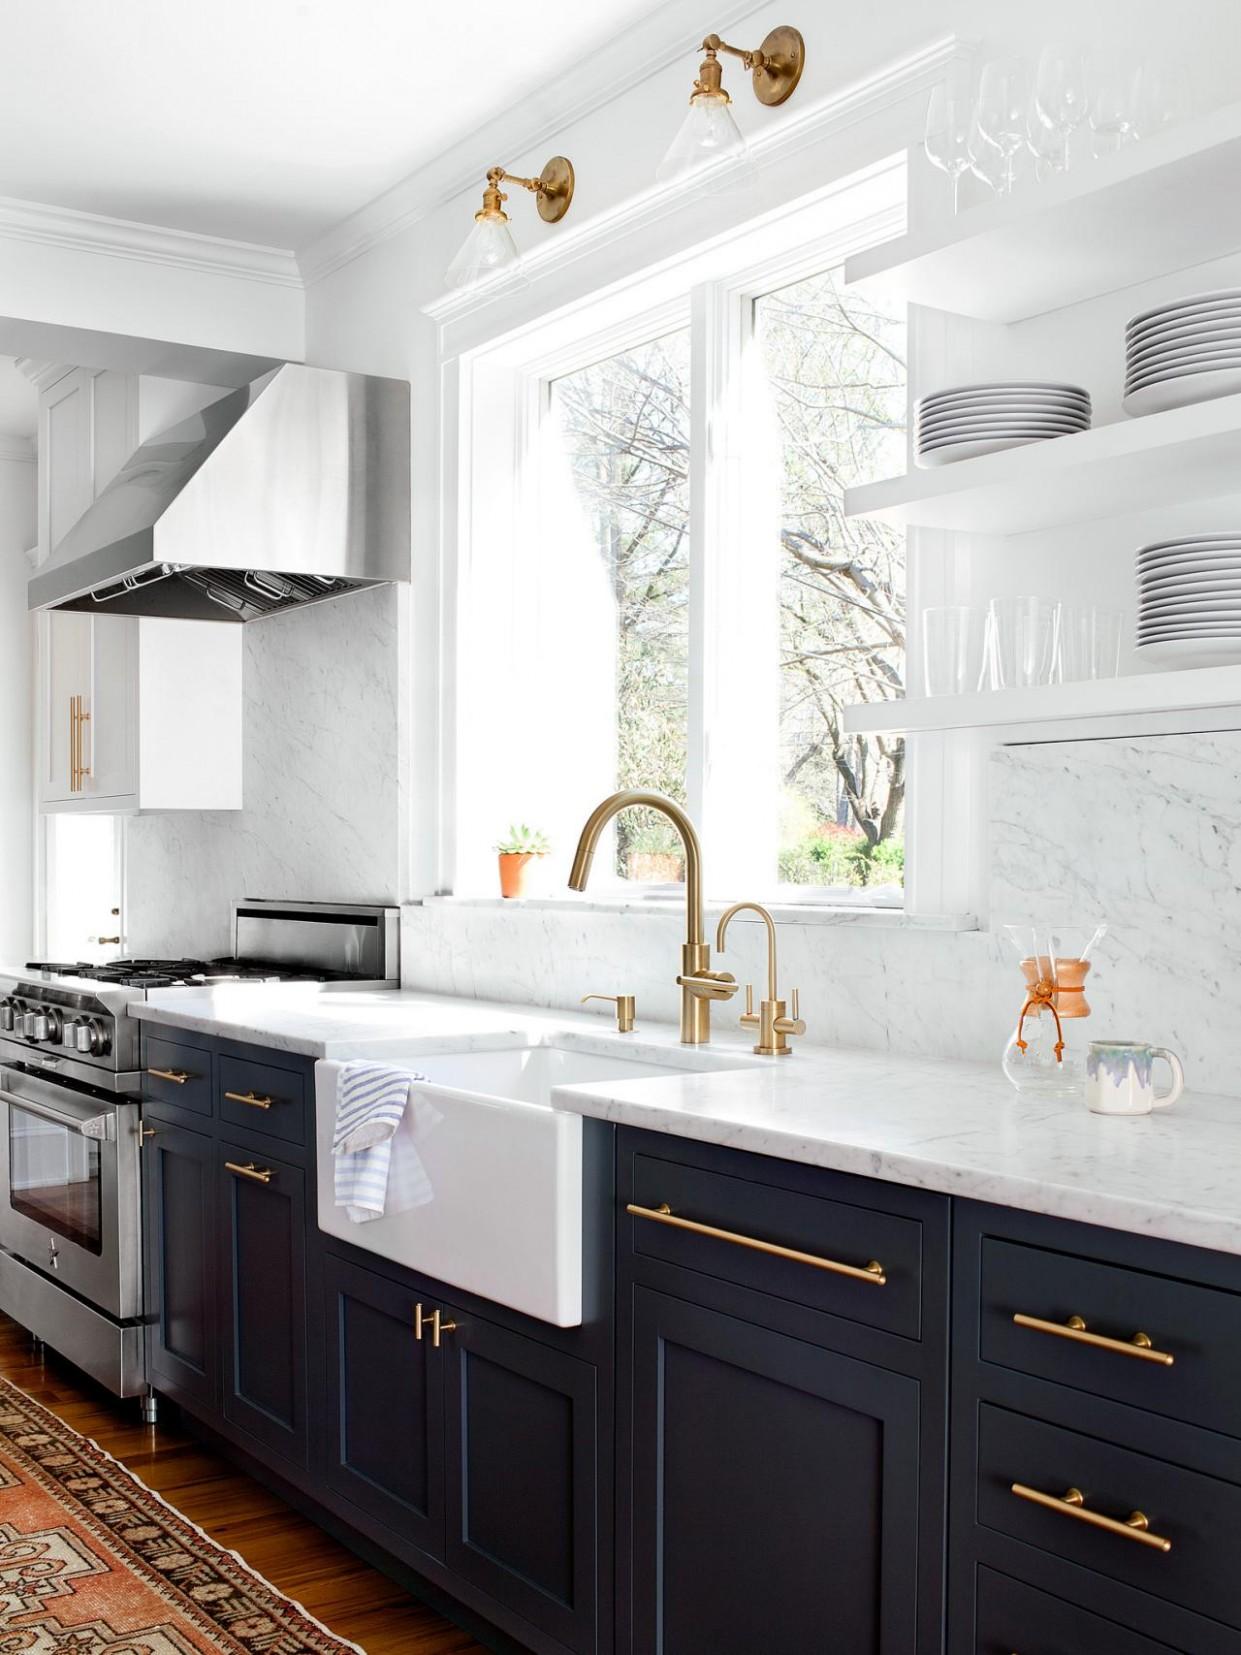 10 Gorgeous Kitchen Cabinet Hardware Ideas  HGTV - Kitchen Cabinet Handle Design